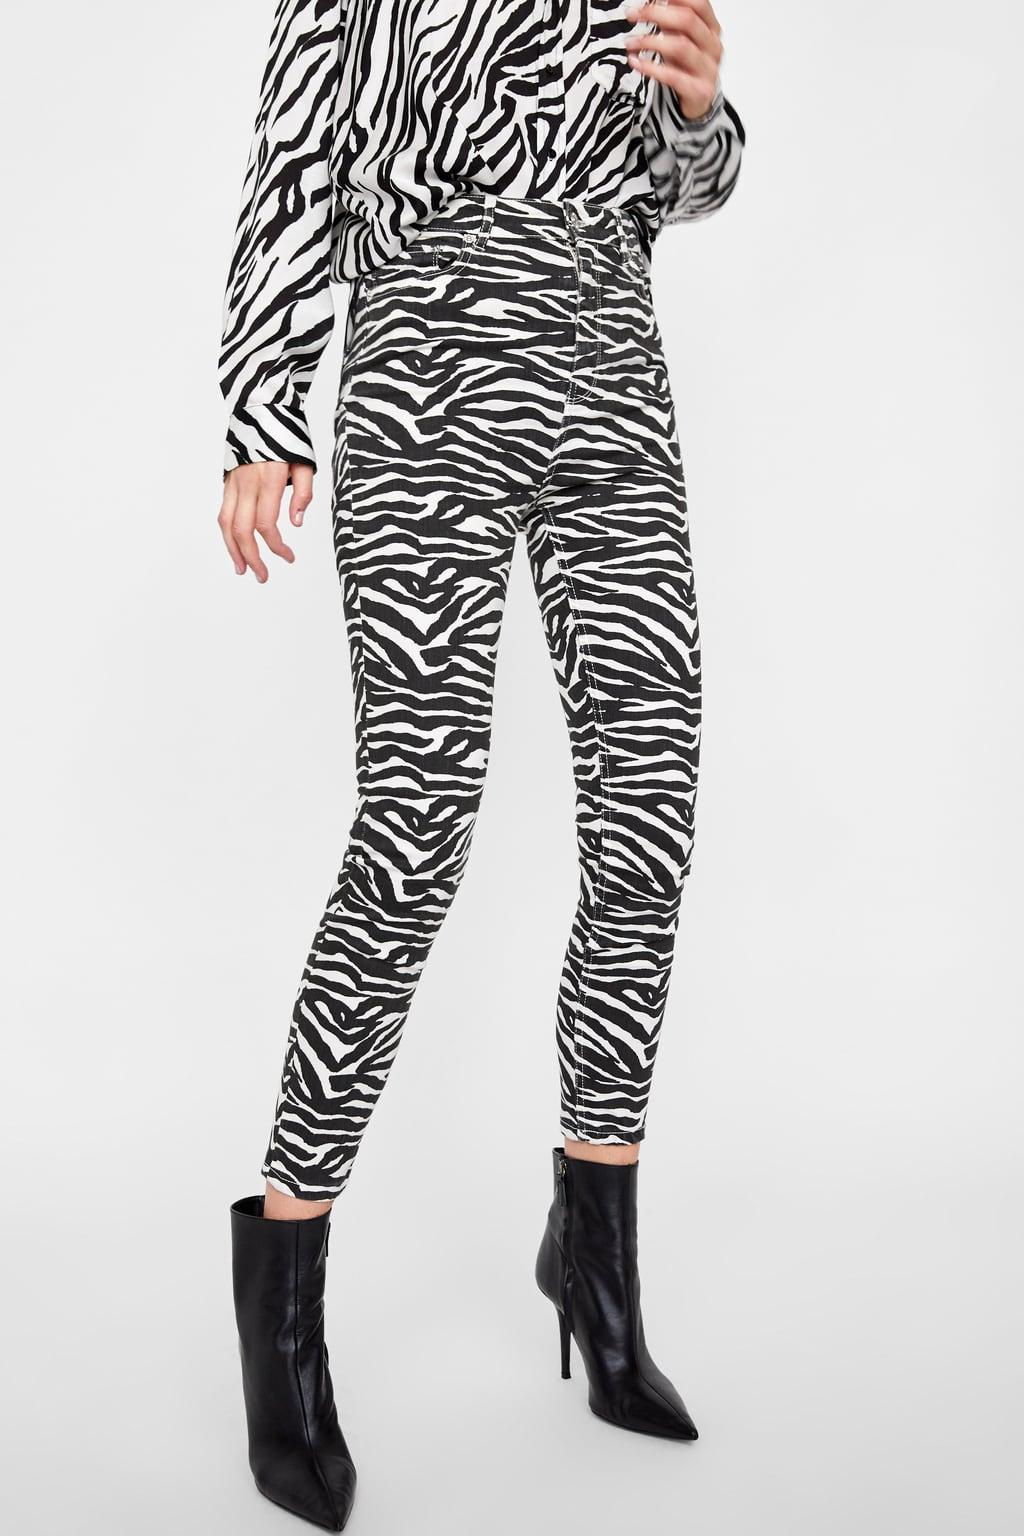 zara, high rise jeans, skinny jeans, animal print denim, zebra print jeans